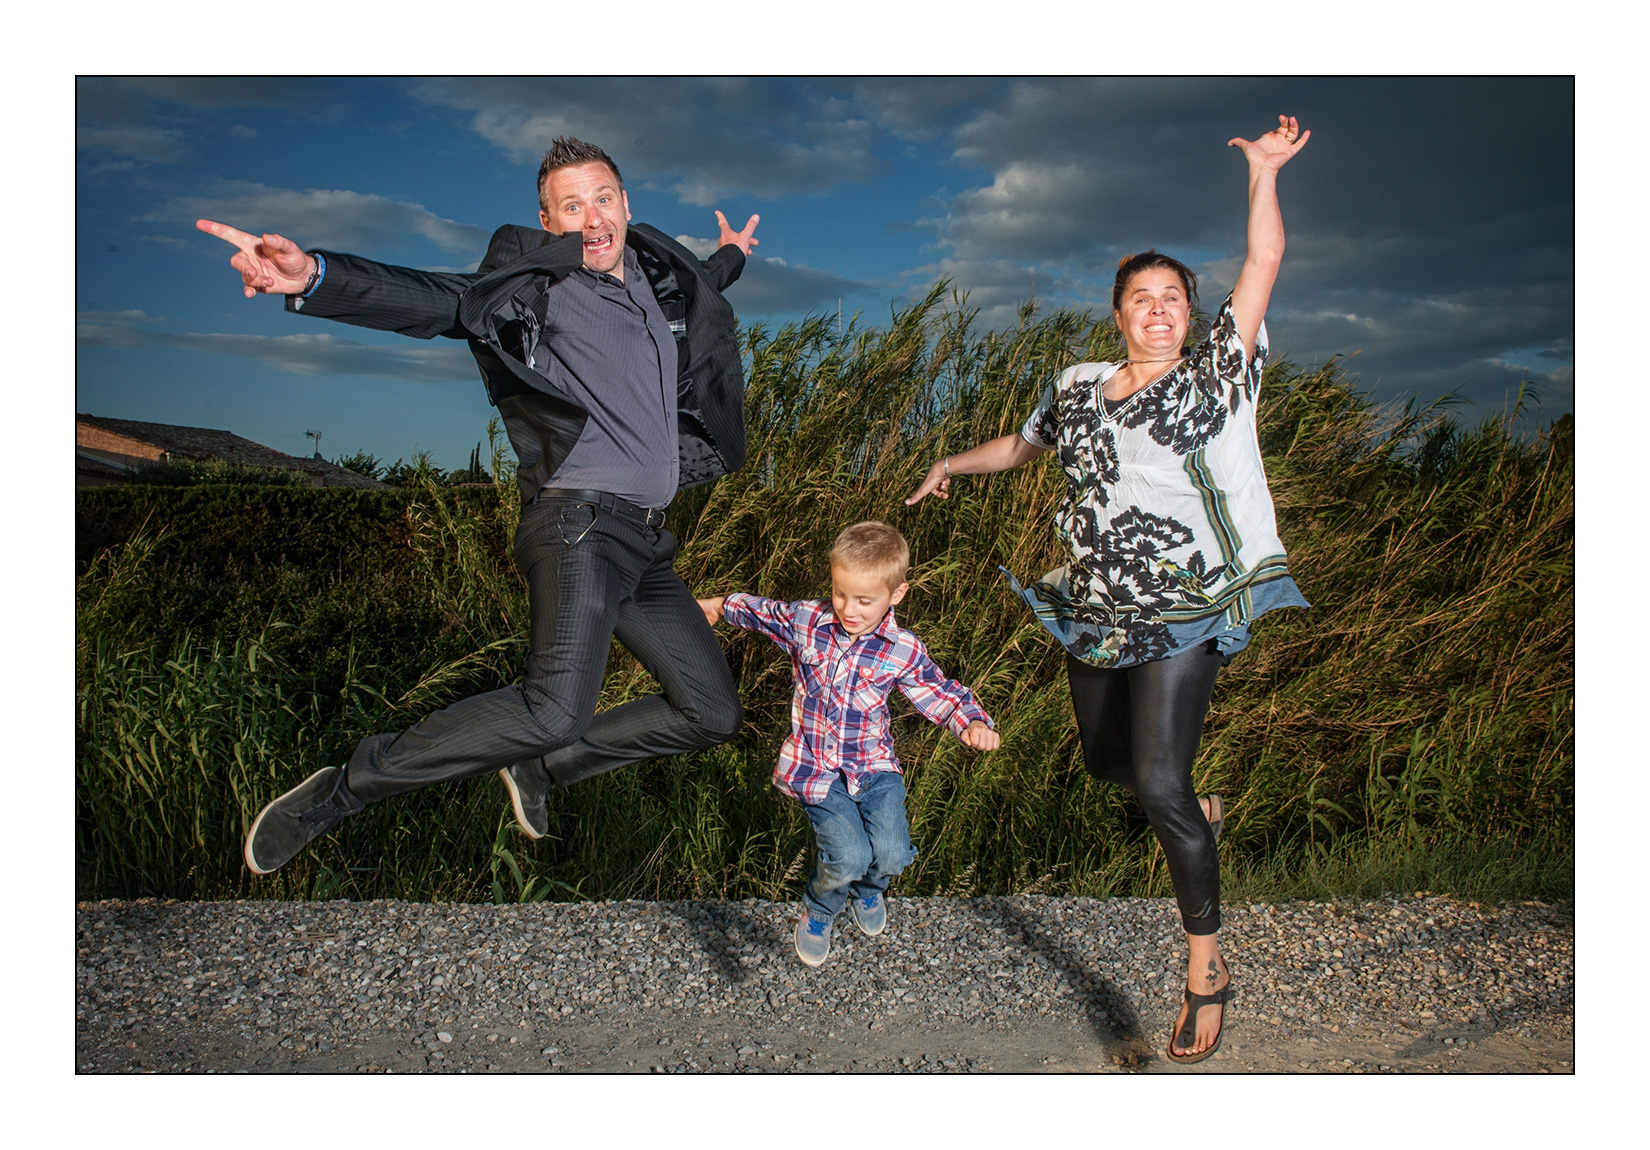 jump-mariage-photo-famille-dynamique-couleur-saut